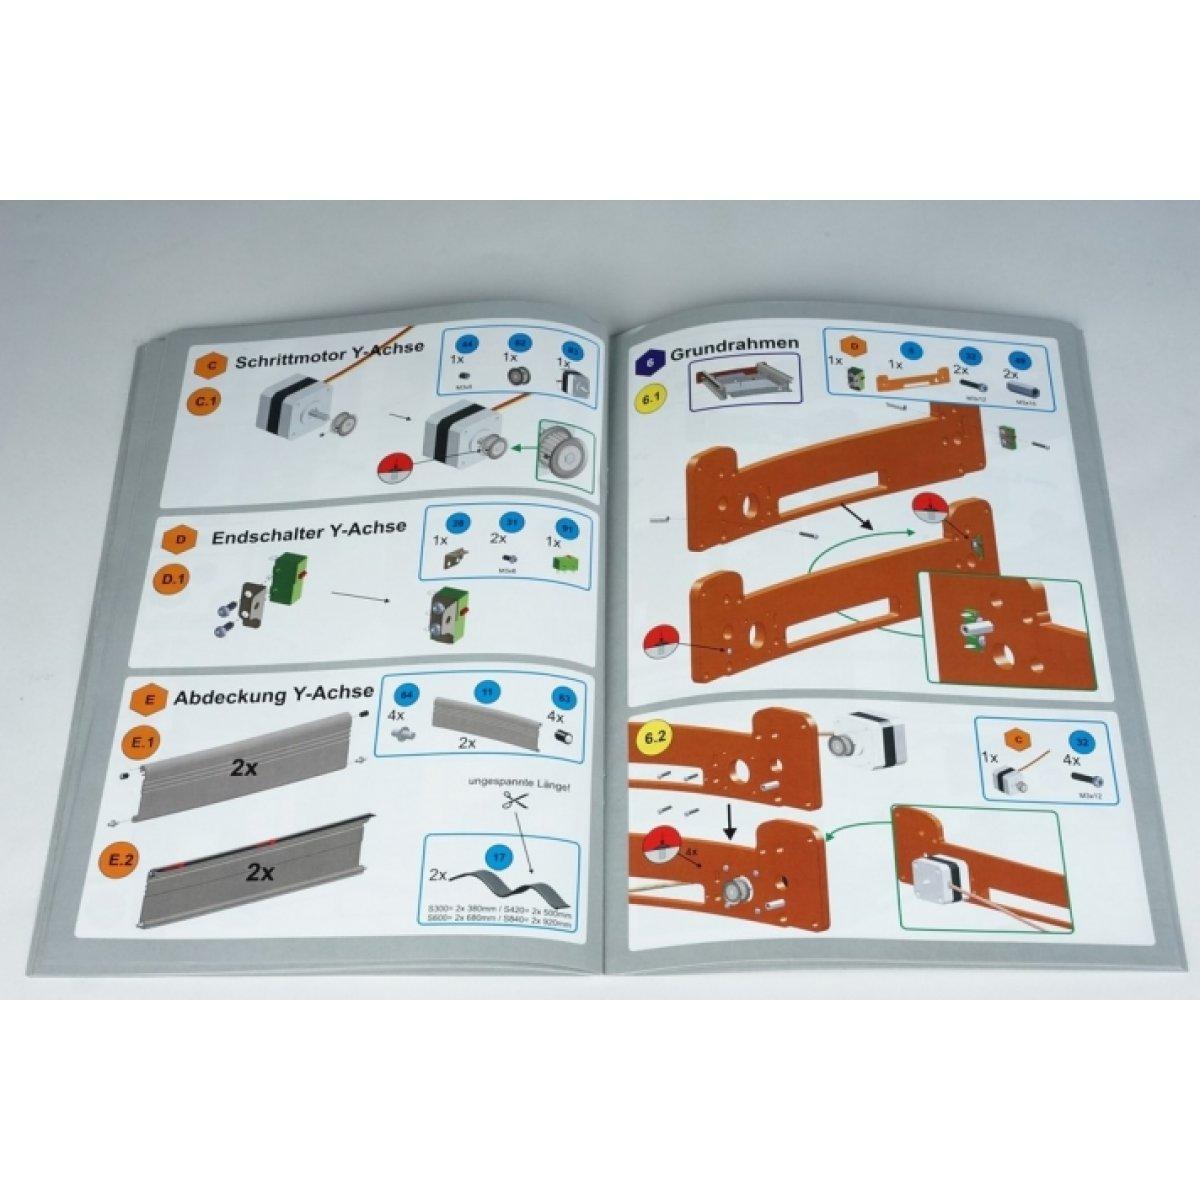 Stepcraft D-Series 12 StepCraft CNC Systems- CNCshop.gr Stepcraft Greece